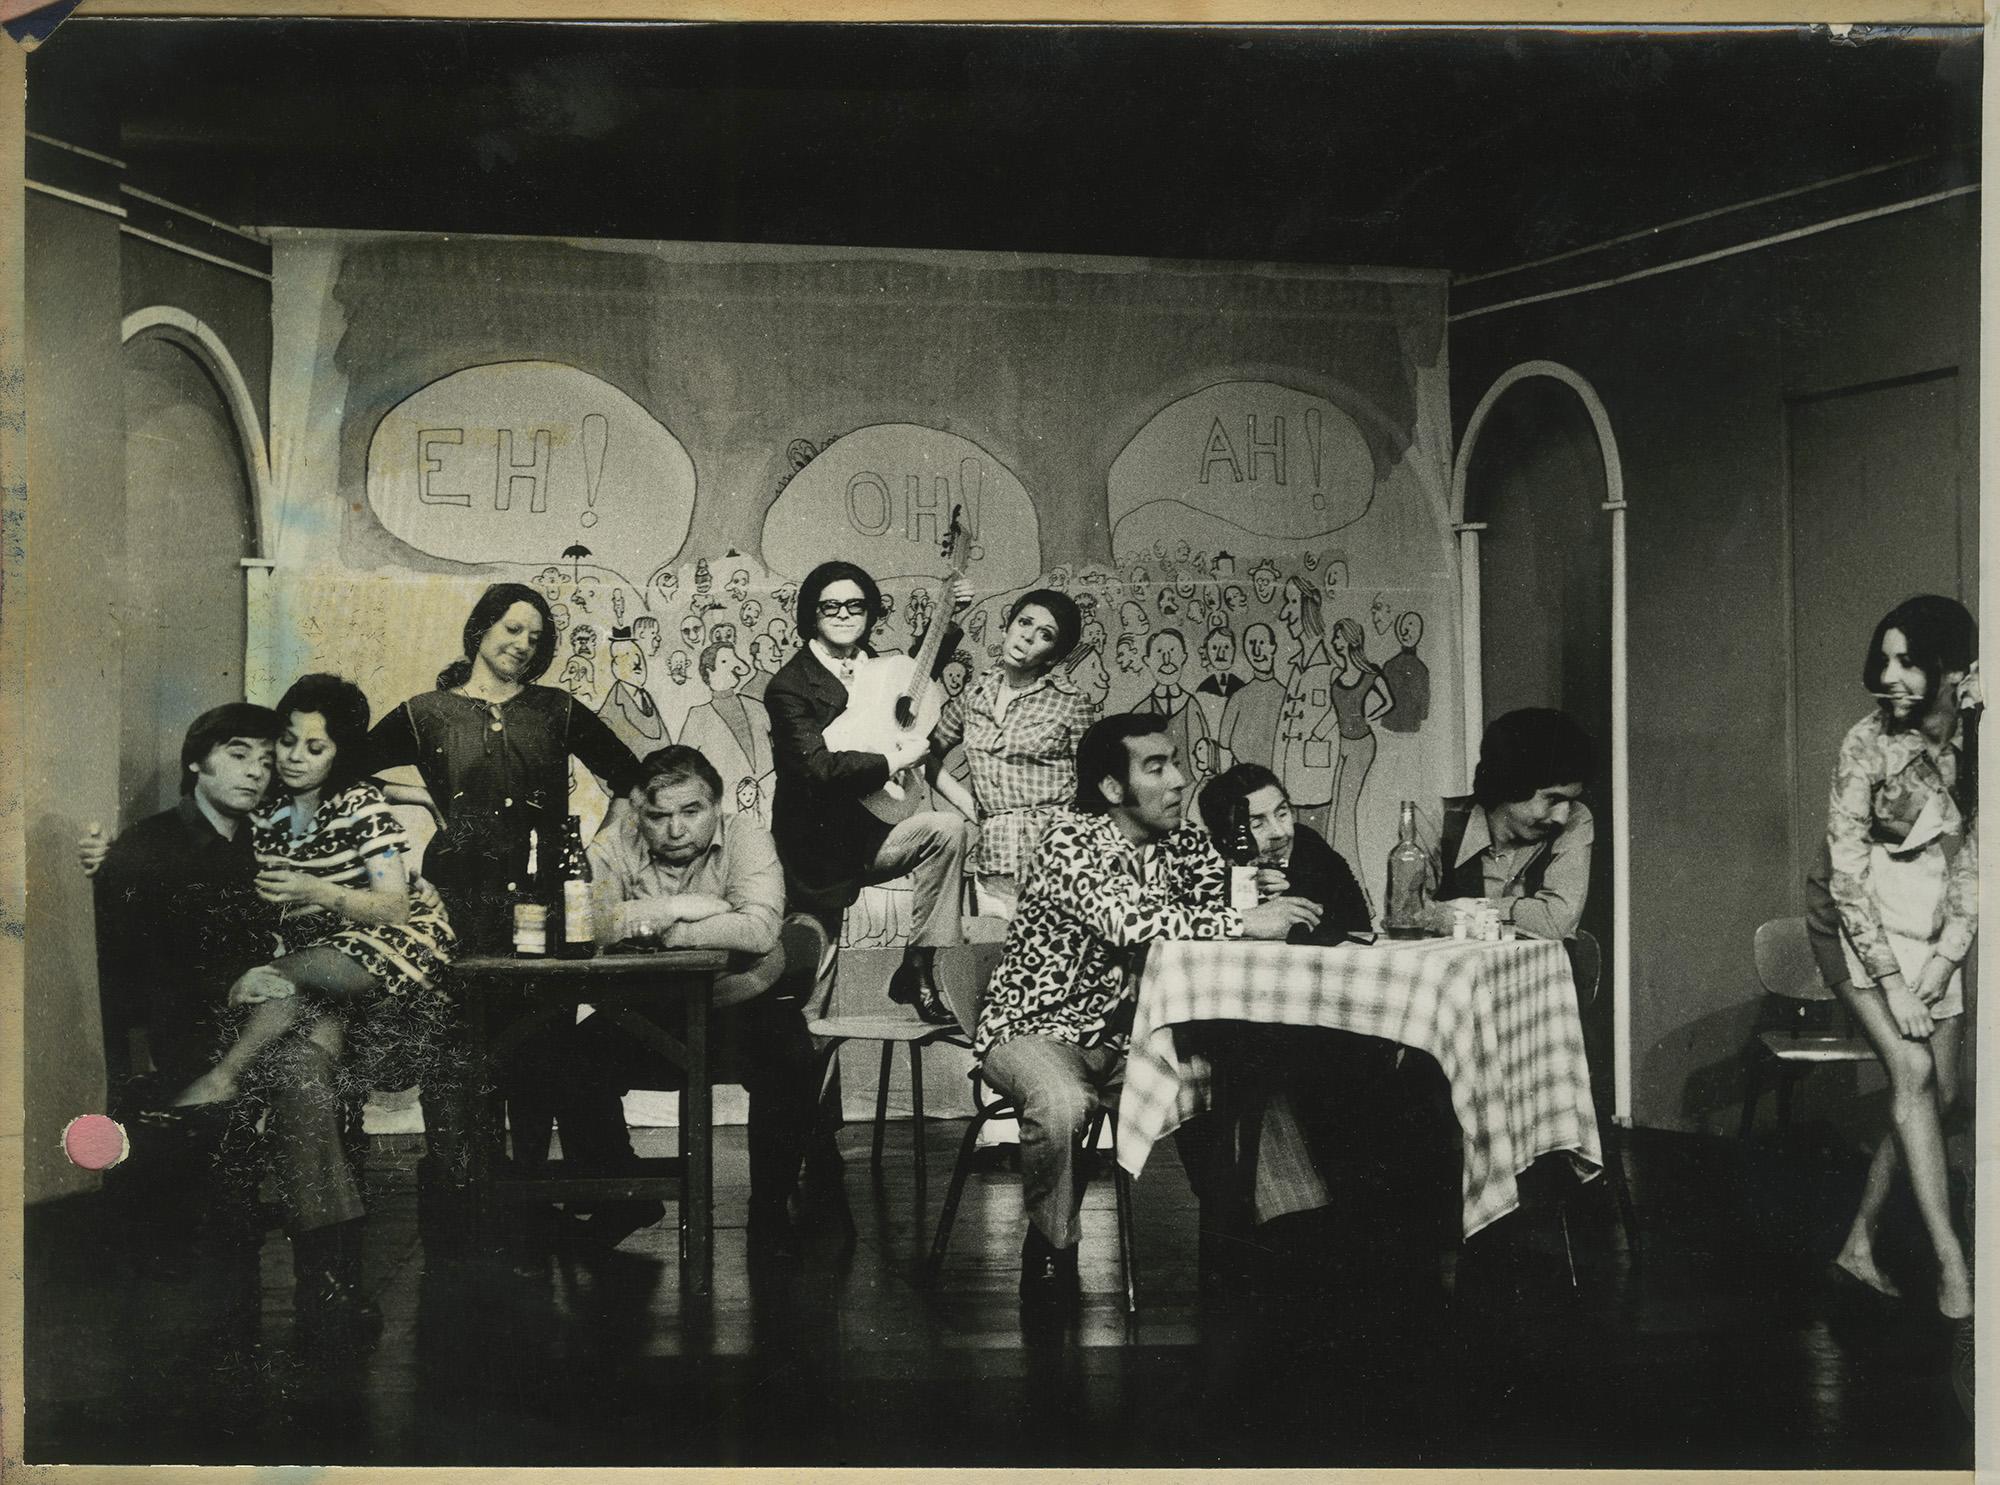 teatro-teknos-1962-1975